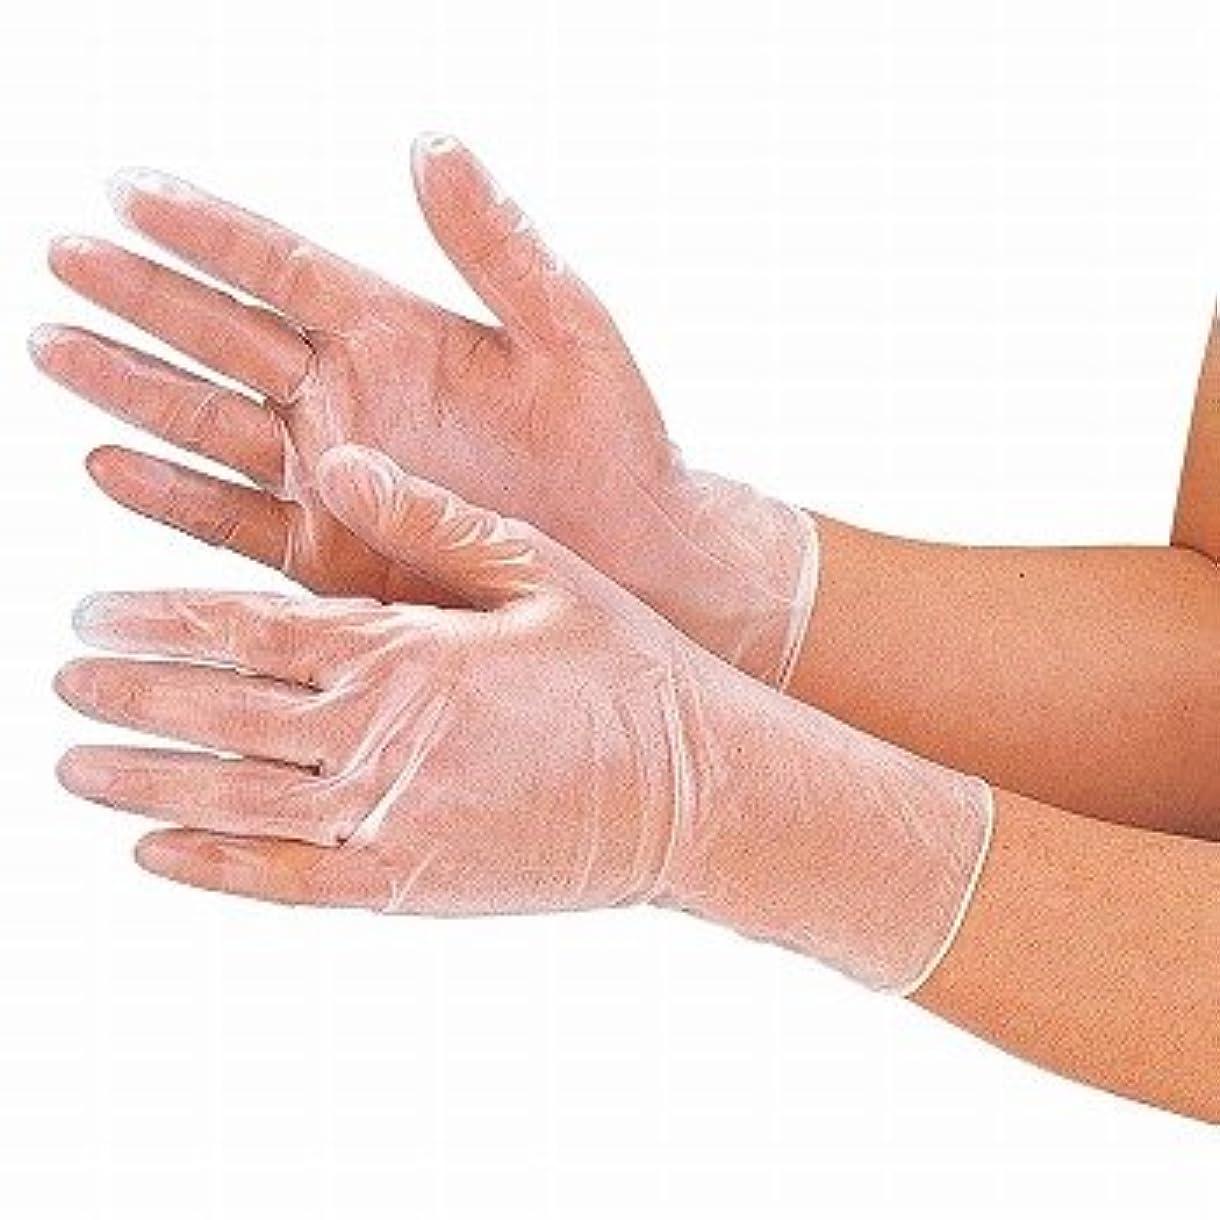 クレーンファイバがんばり続けるおたふく手袋/抗菌プラスチックディスポ手袋 100枚入×12セット[総数1200枚]/品番:250 サイズ:M